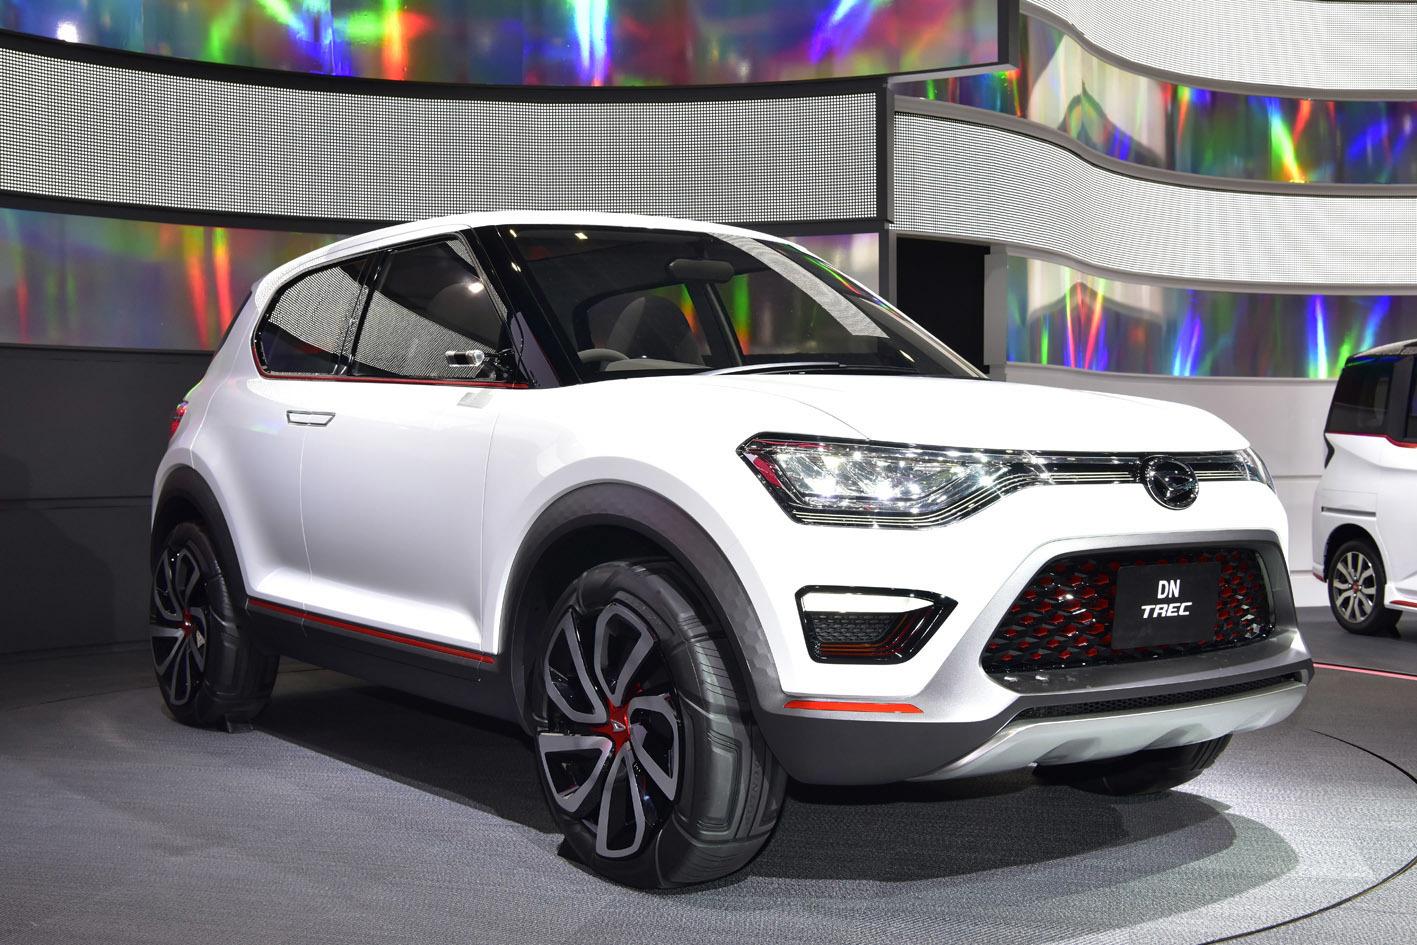 昨年の東京モーターショーに出品されたコンセプトカー「DN TREC」。コンパクトサイズのSUVで市販化に向けて開発中とのこと